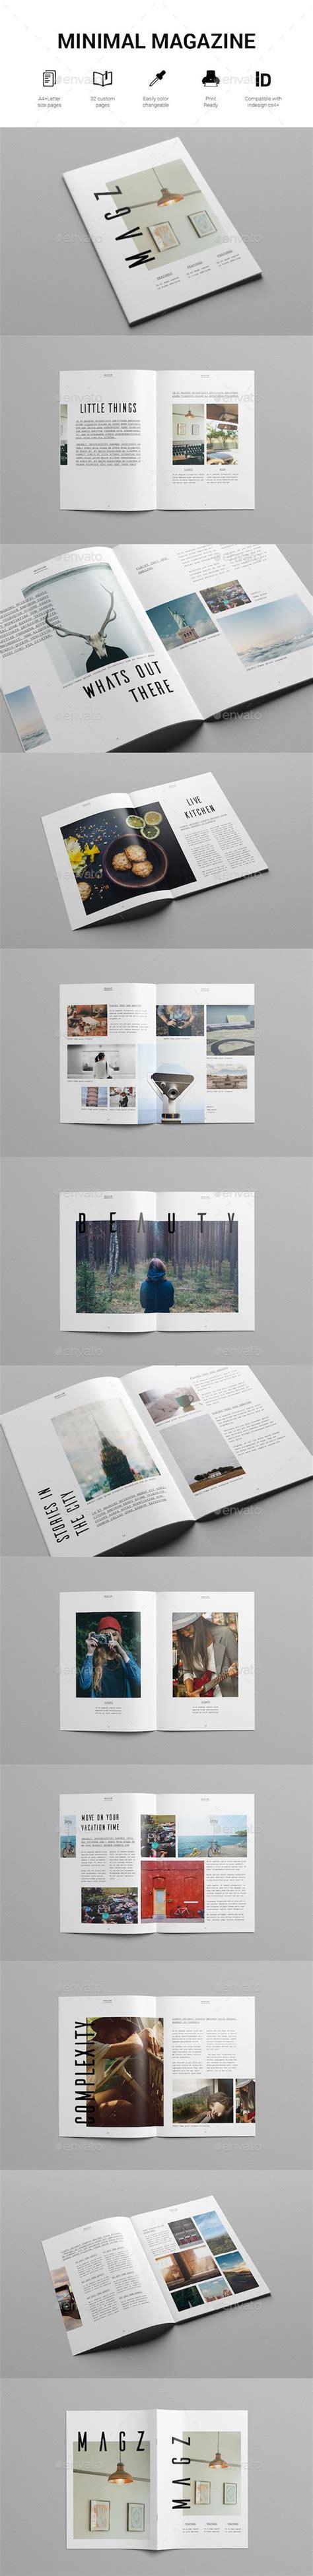 magazine layout design job description colorful melamine plates by zak designs dot 4 piece bowl